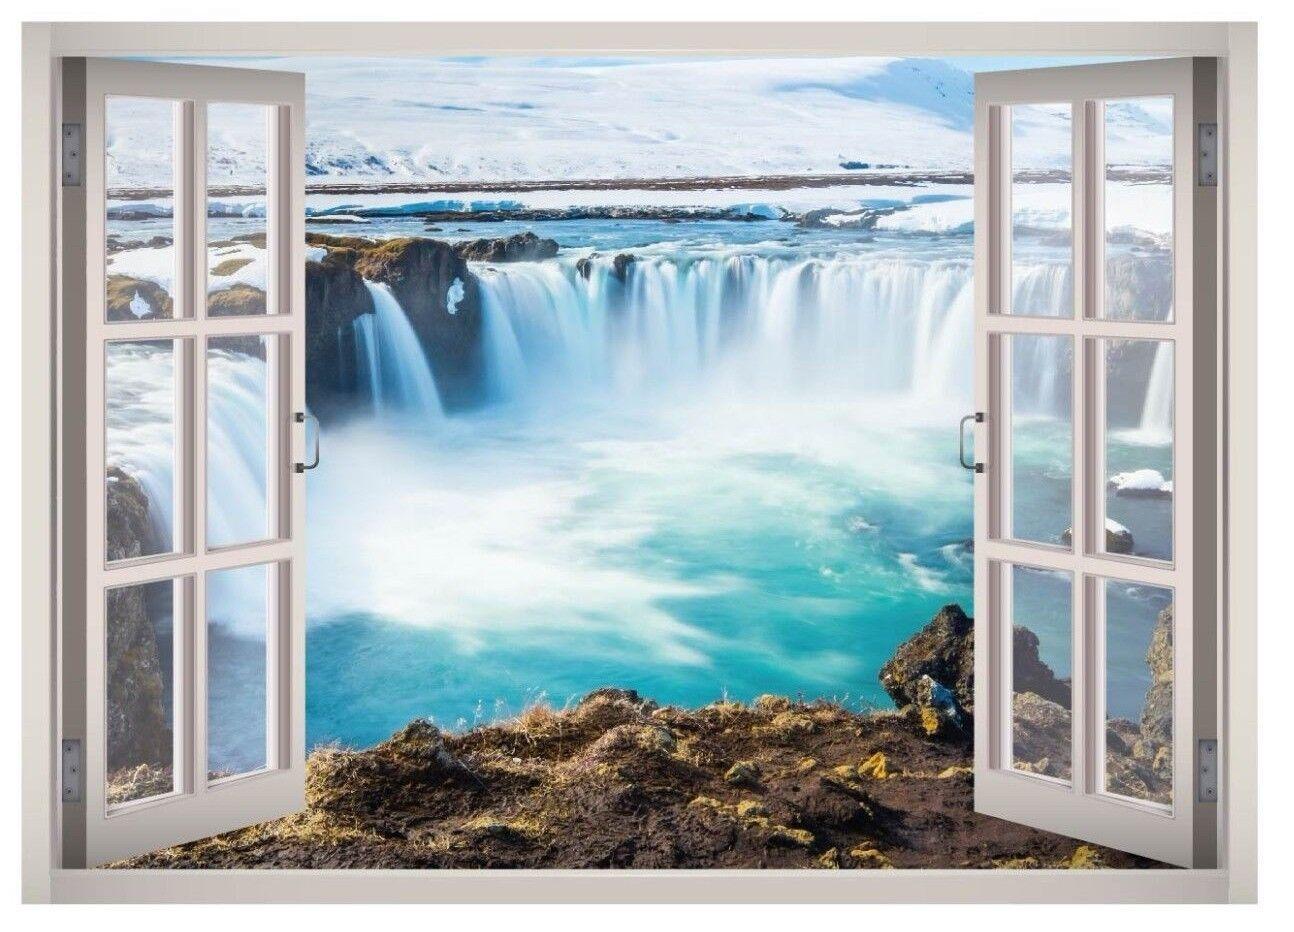 Cascade View Window 3D Wand Decal Kunst Mural Home Decor Canvas Vinyl W148